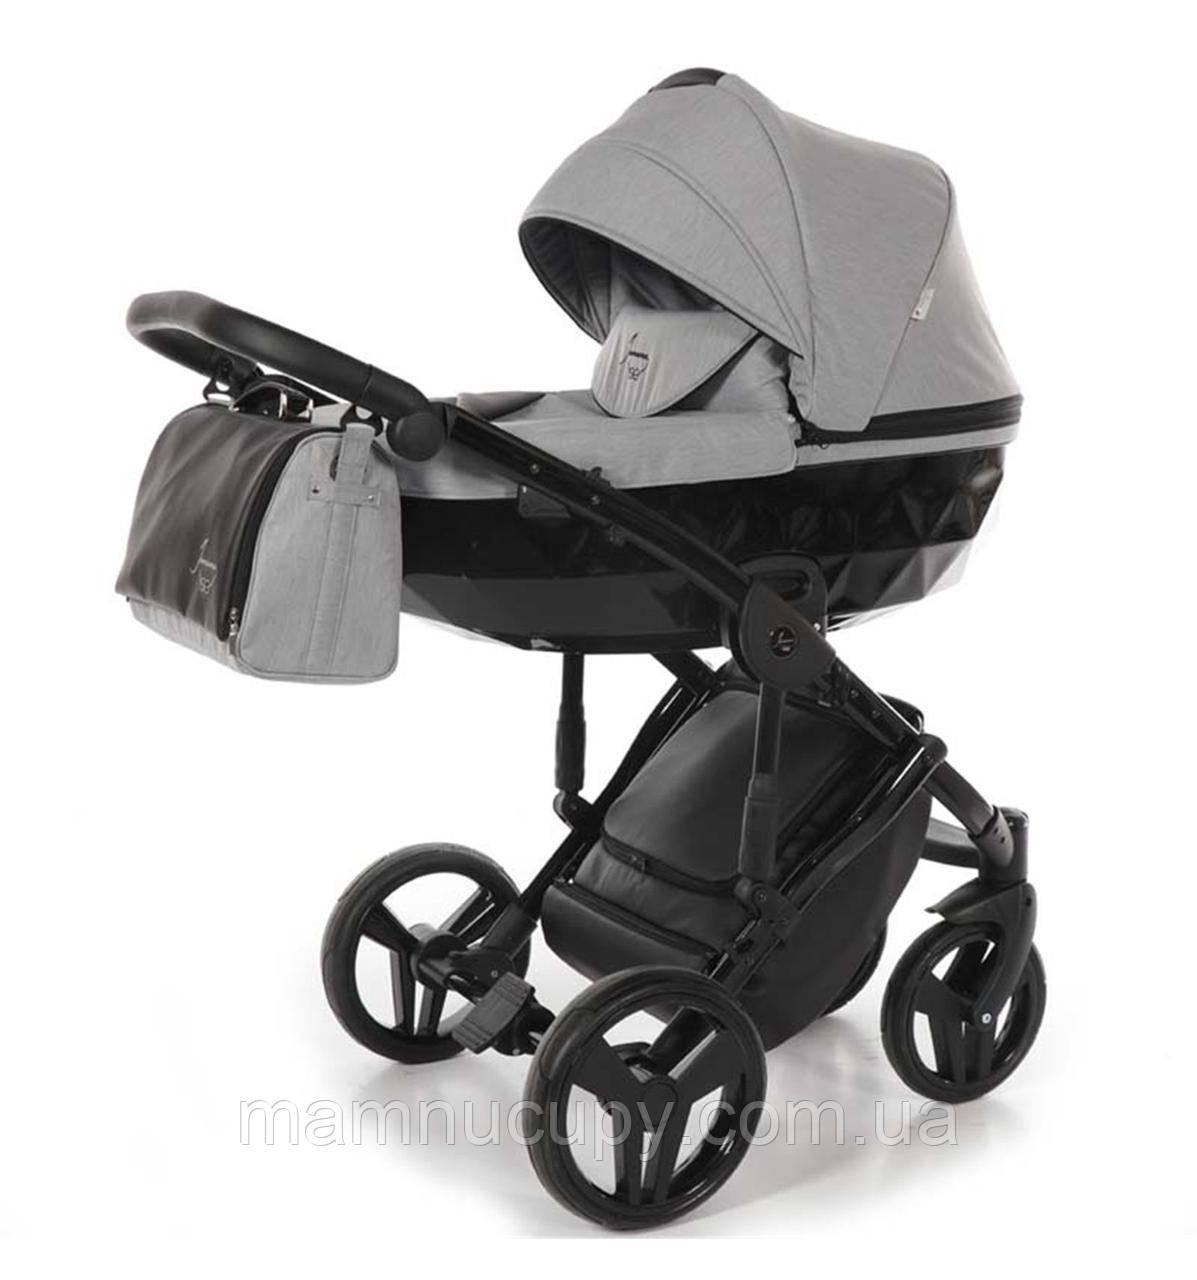 Детская универсальная коляска 2 в 1 Tako Junama Diamond 07